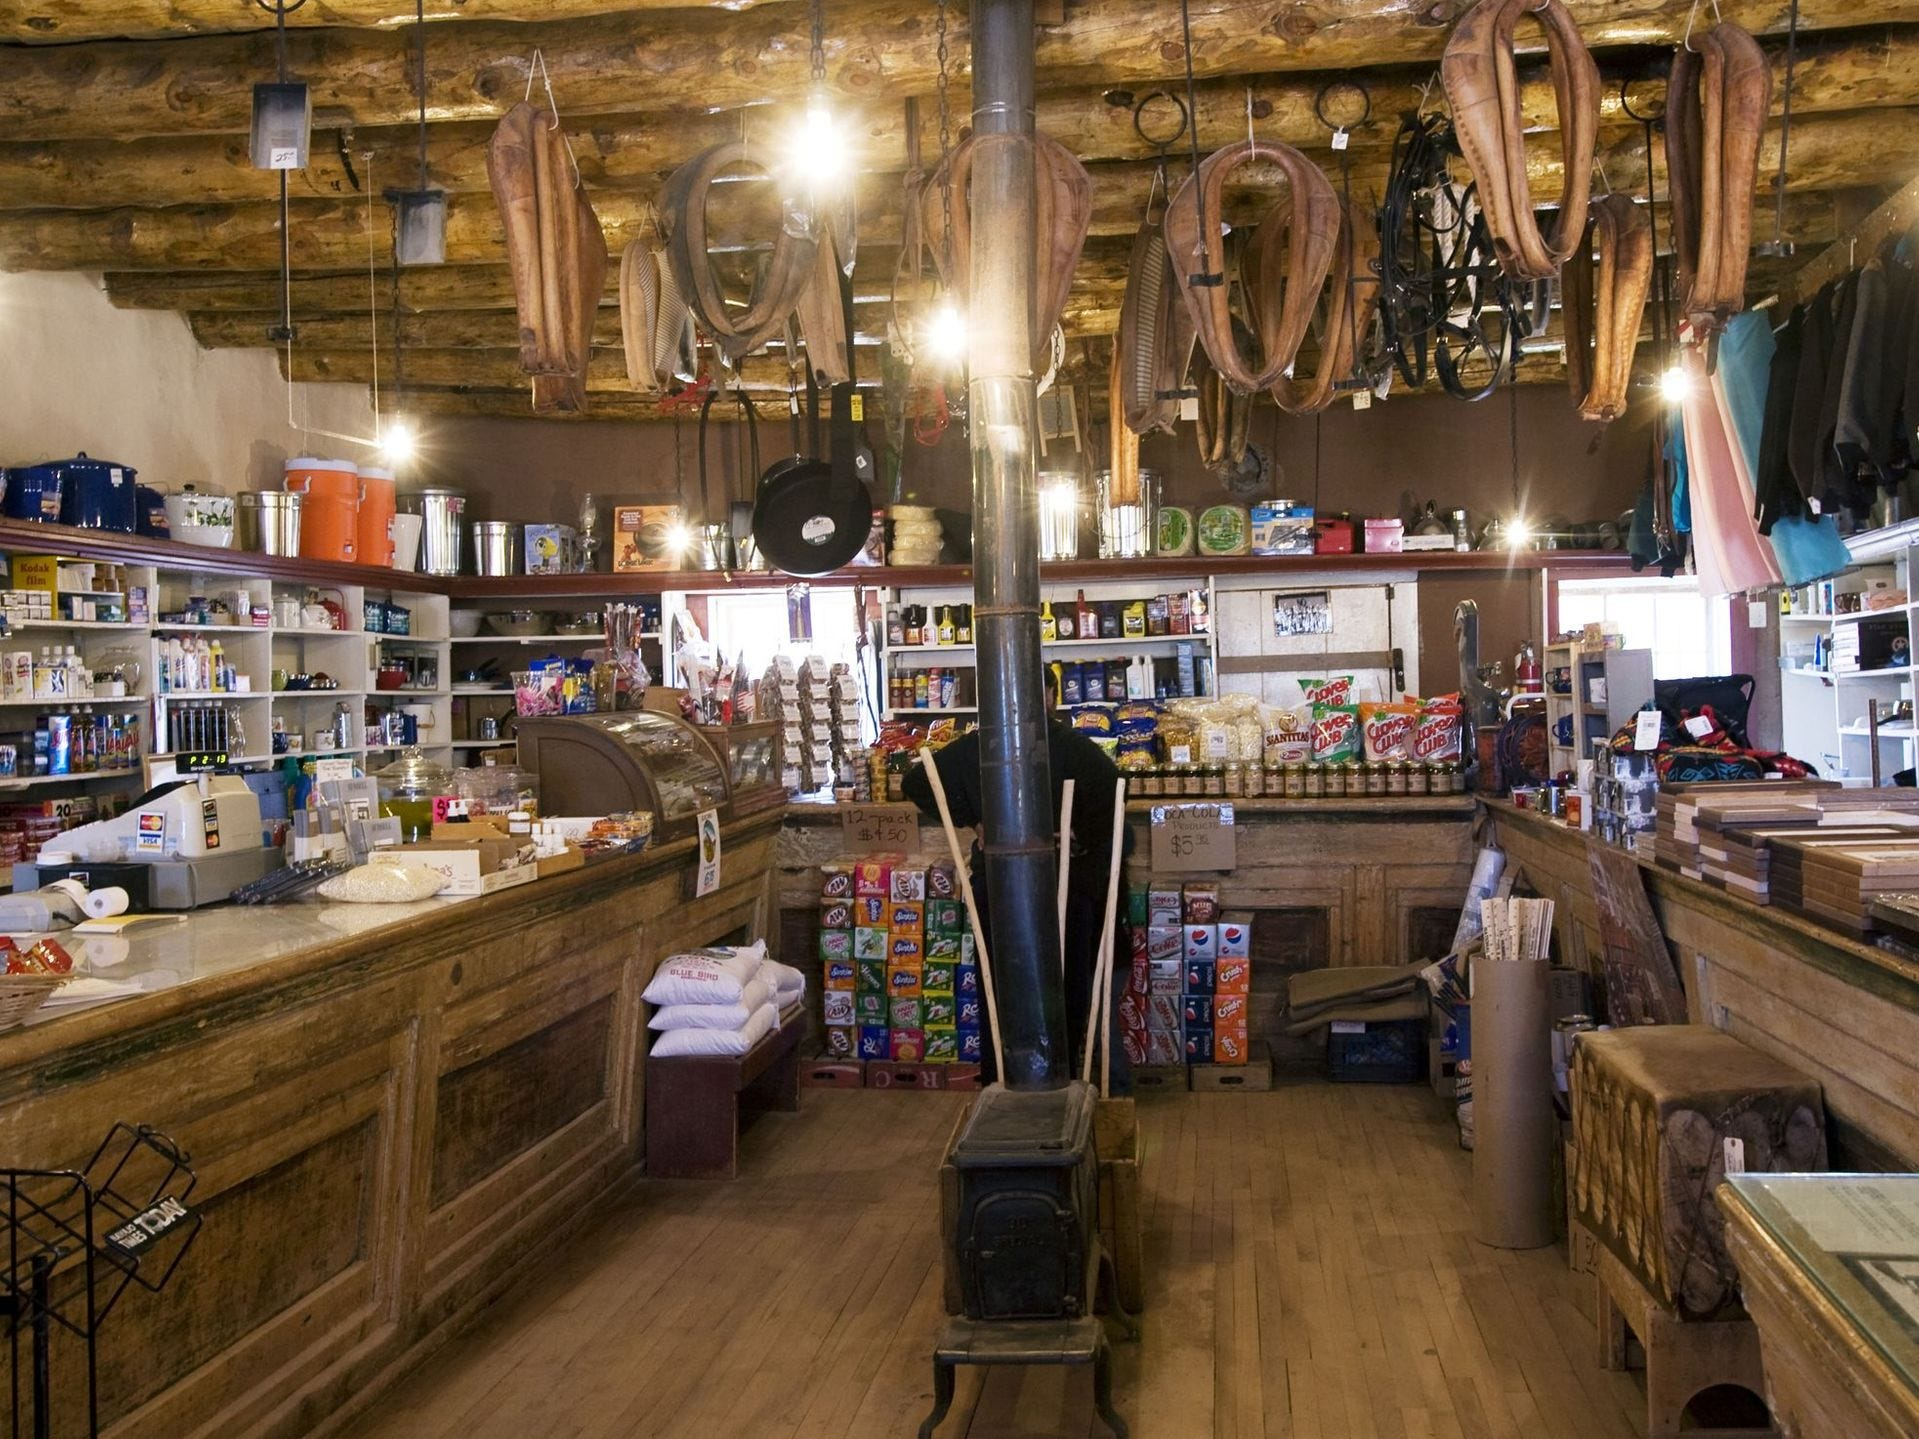 El Sitio Histórico Nacional Hubbell Trading Post en Ganado fue fundado por John Lorenzo Hubbell en 1878, una década después de que los Navajo regresaran a sus tierras de su exilio en Fort Sumner, Nuevo México. con muchos artículos. El puesto comercial sigue activo hoy.